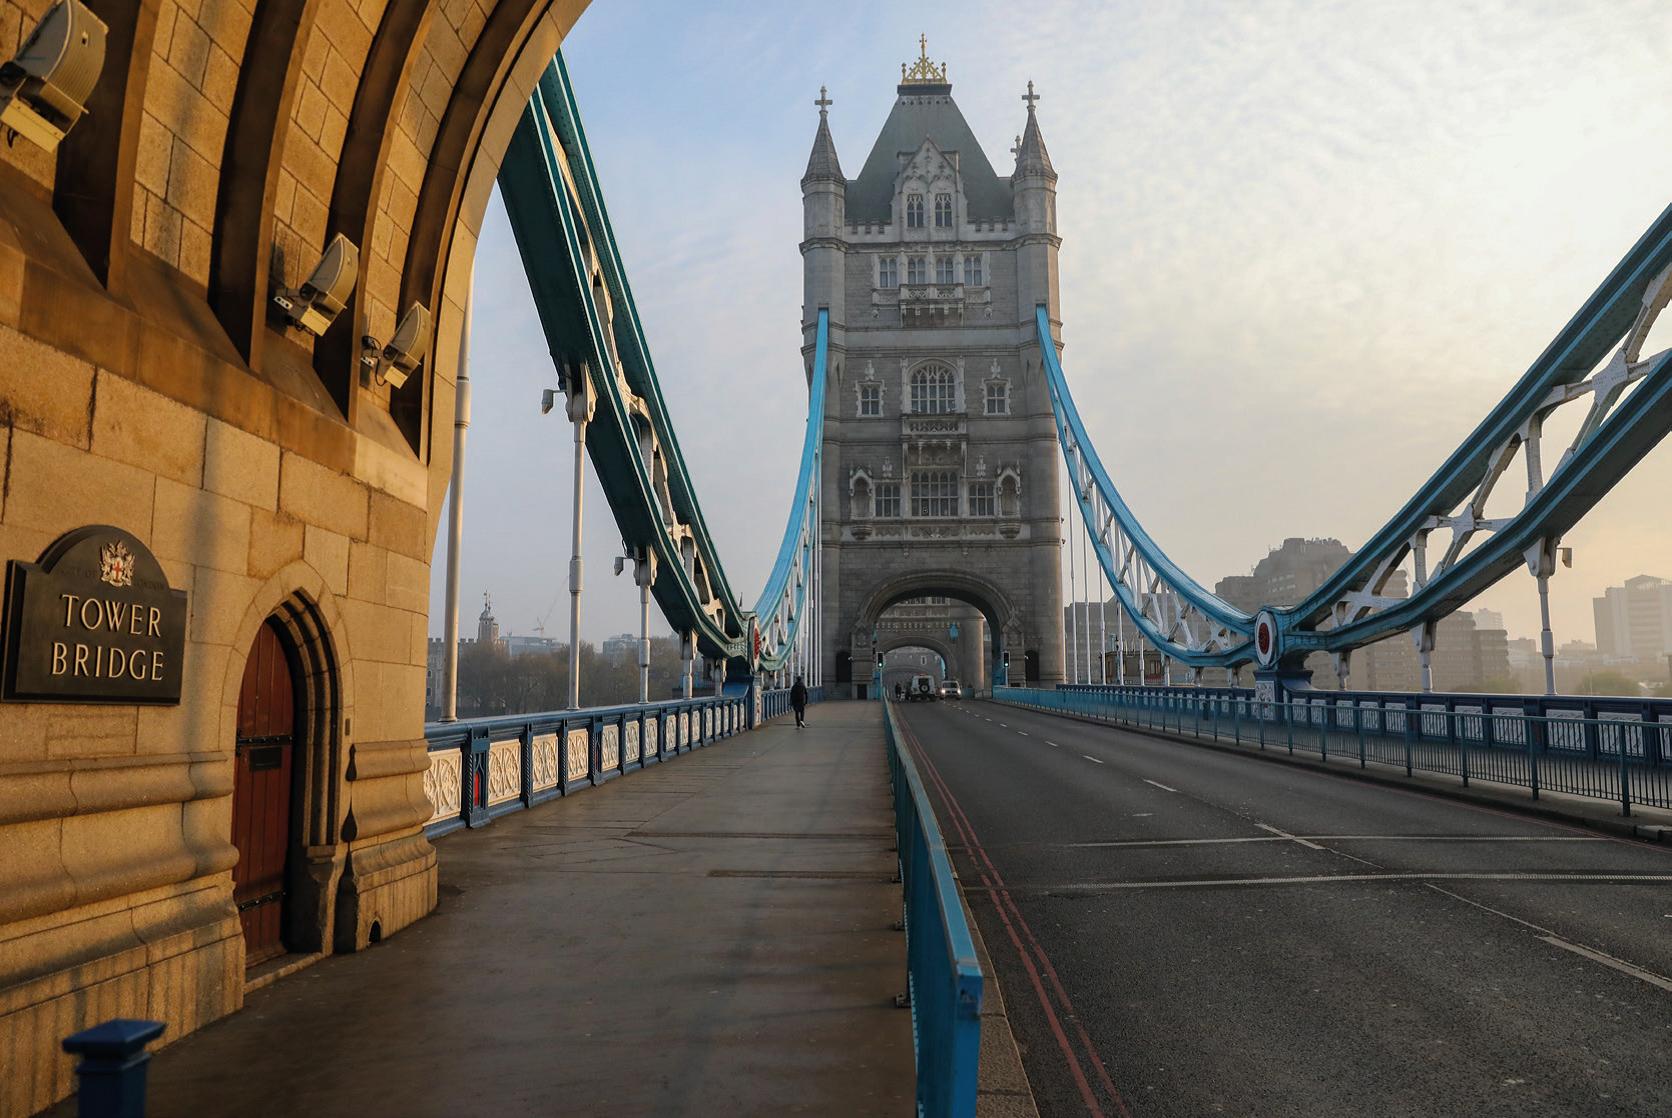 Een foto van de Tower Bridge